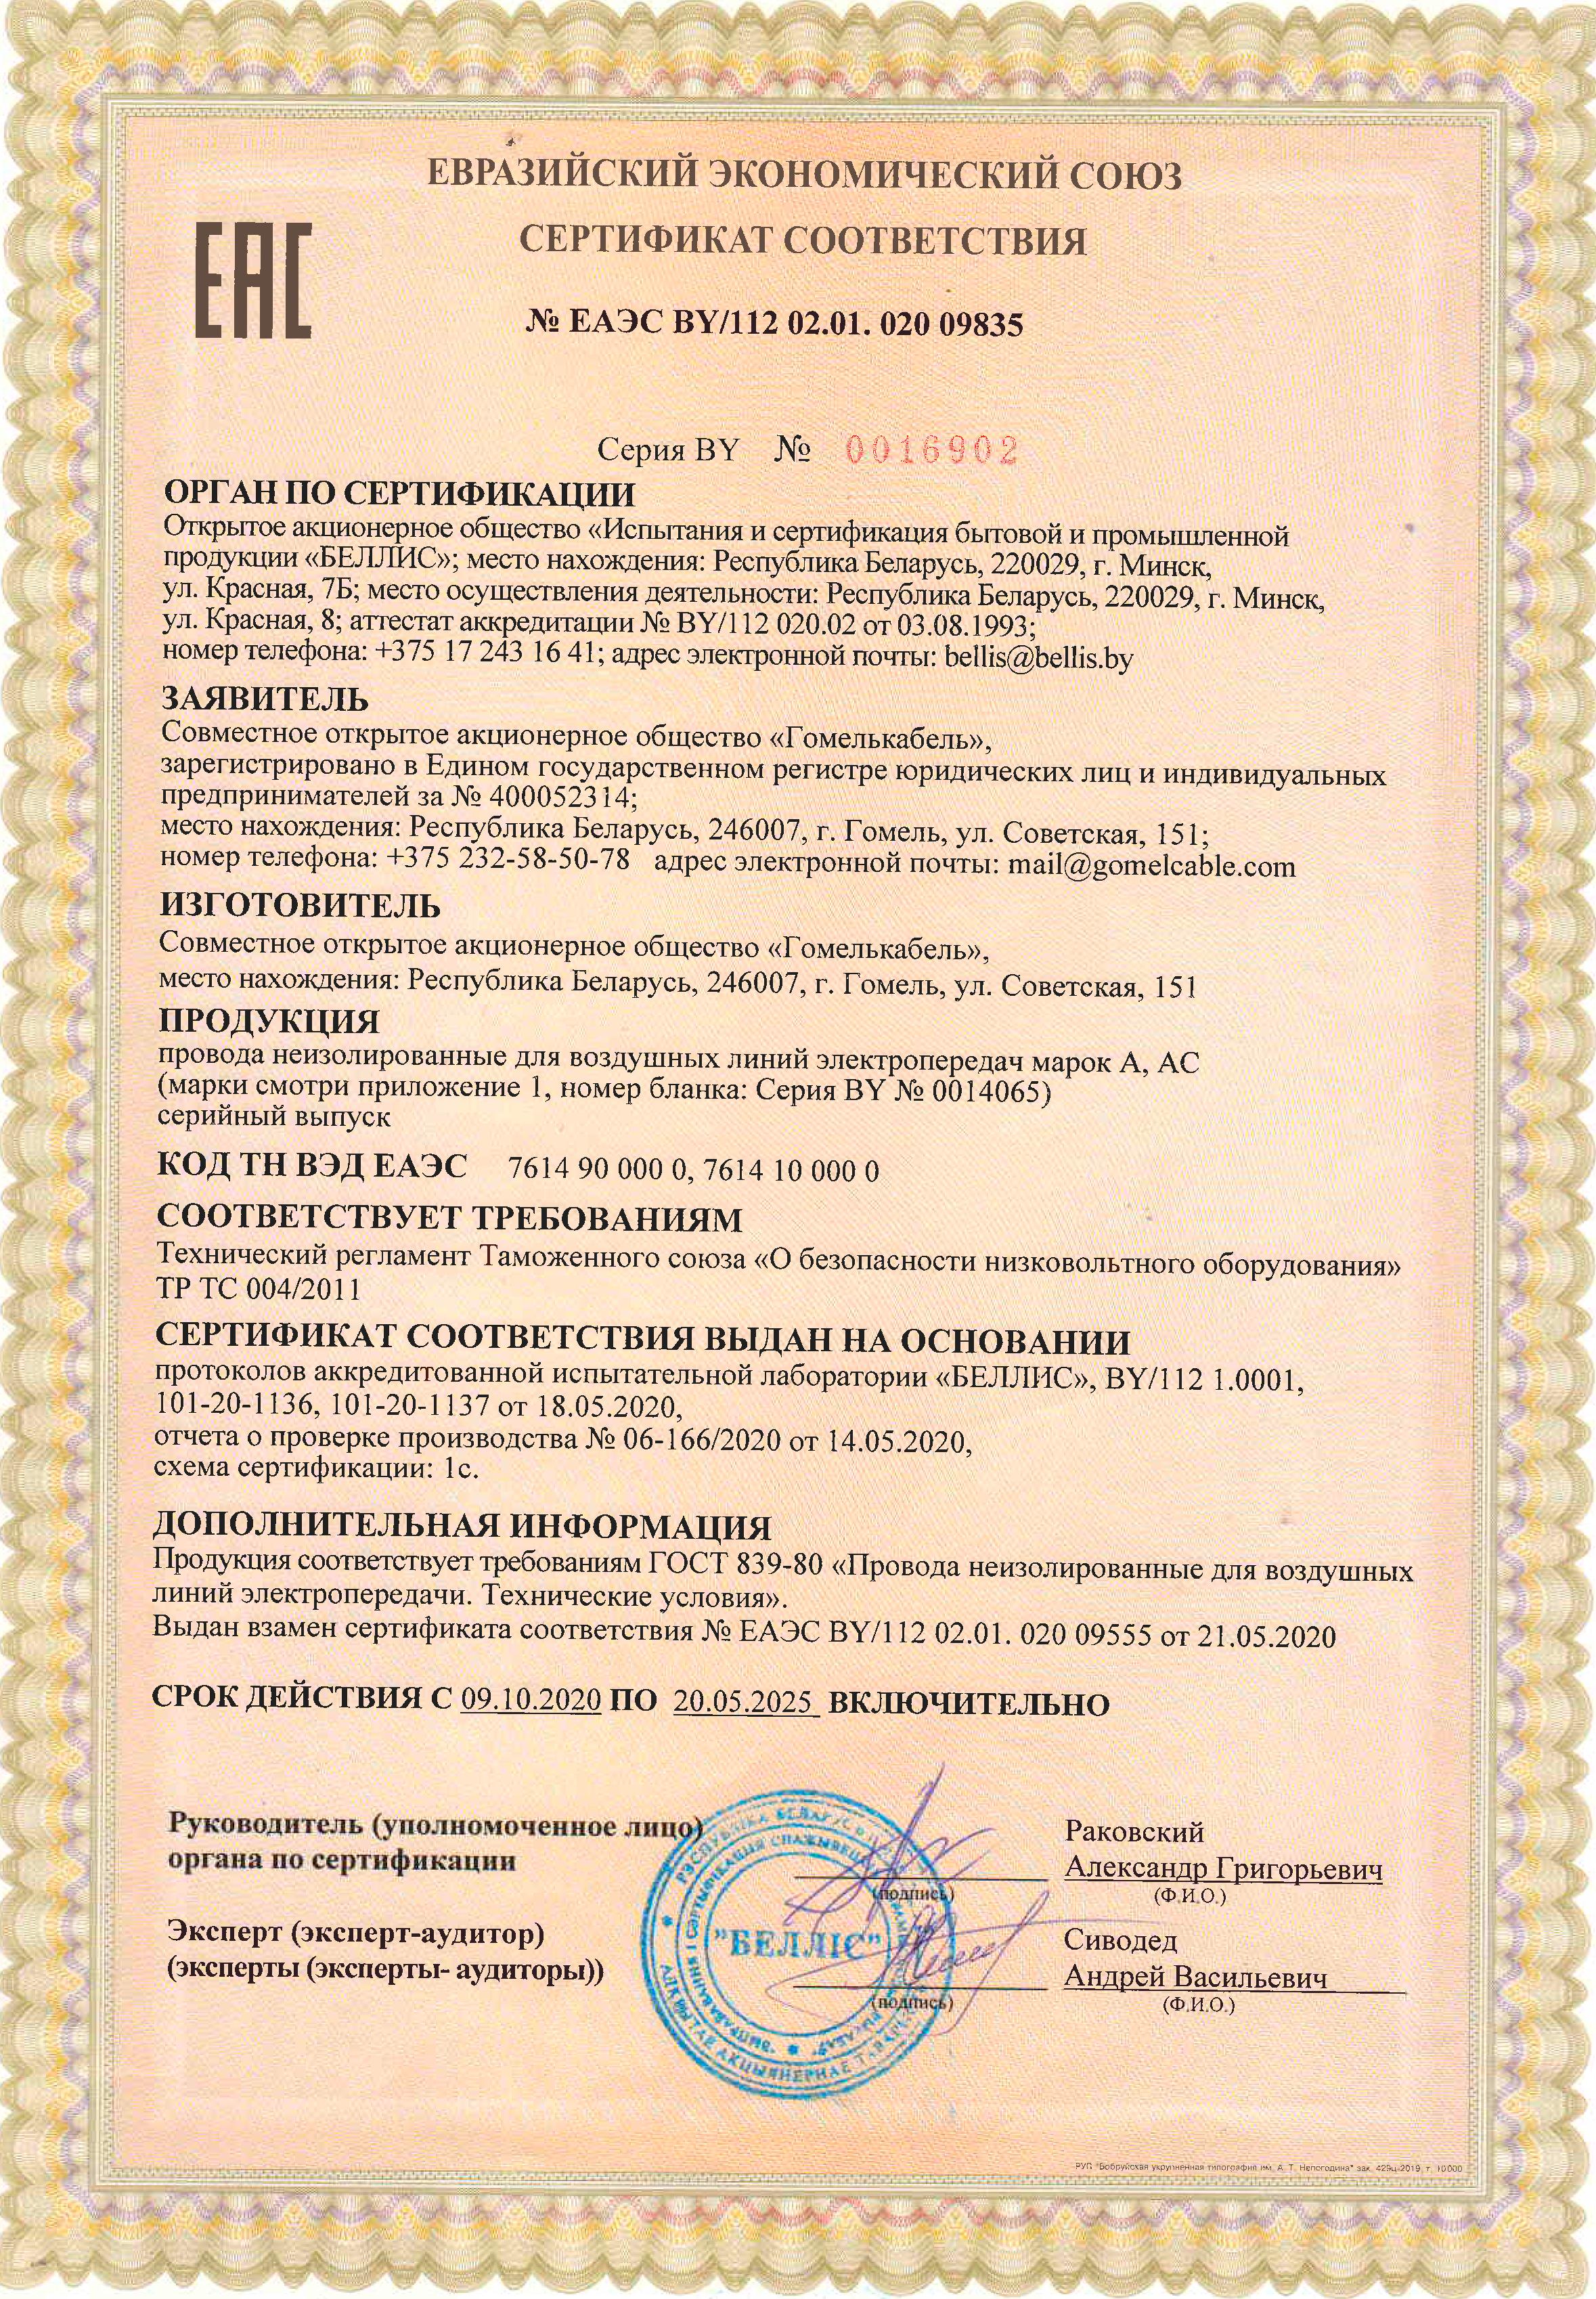 Сертификат таможенного союза ЕАС